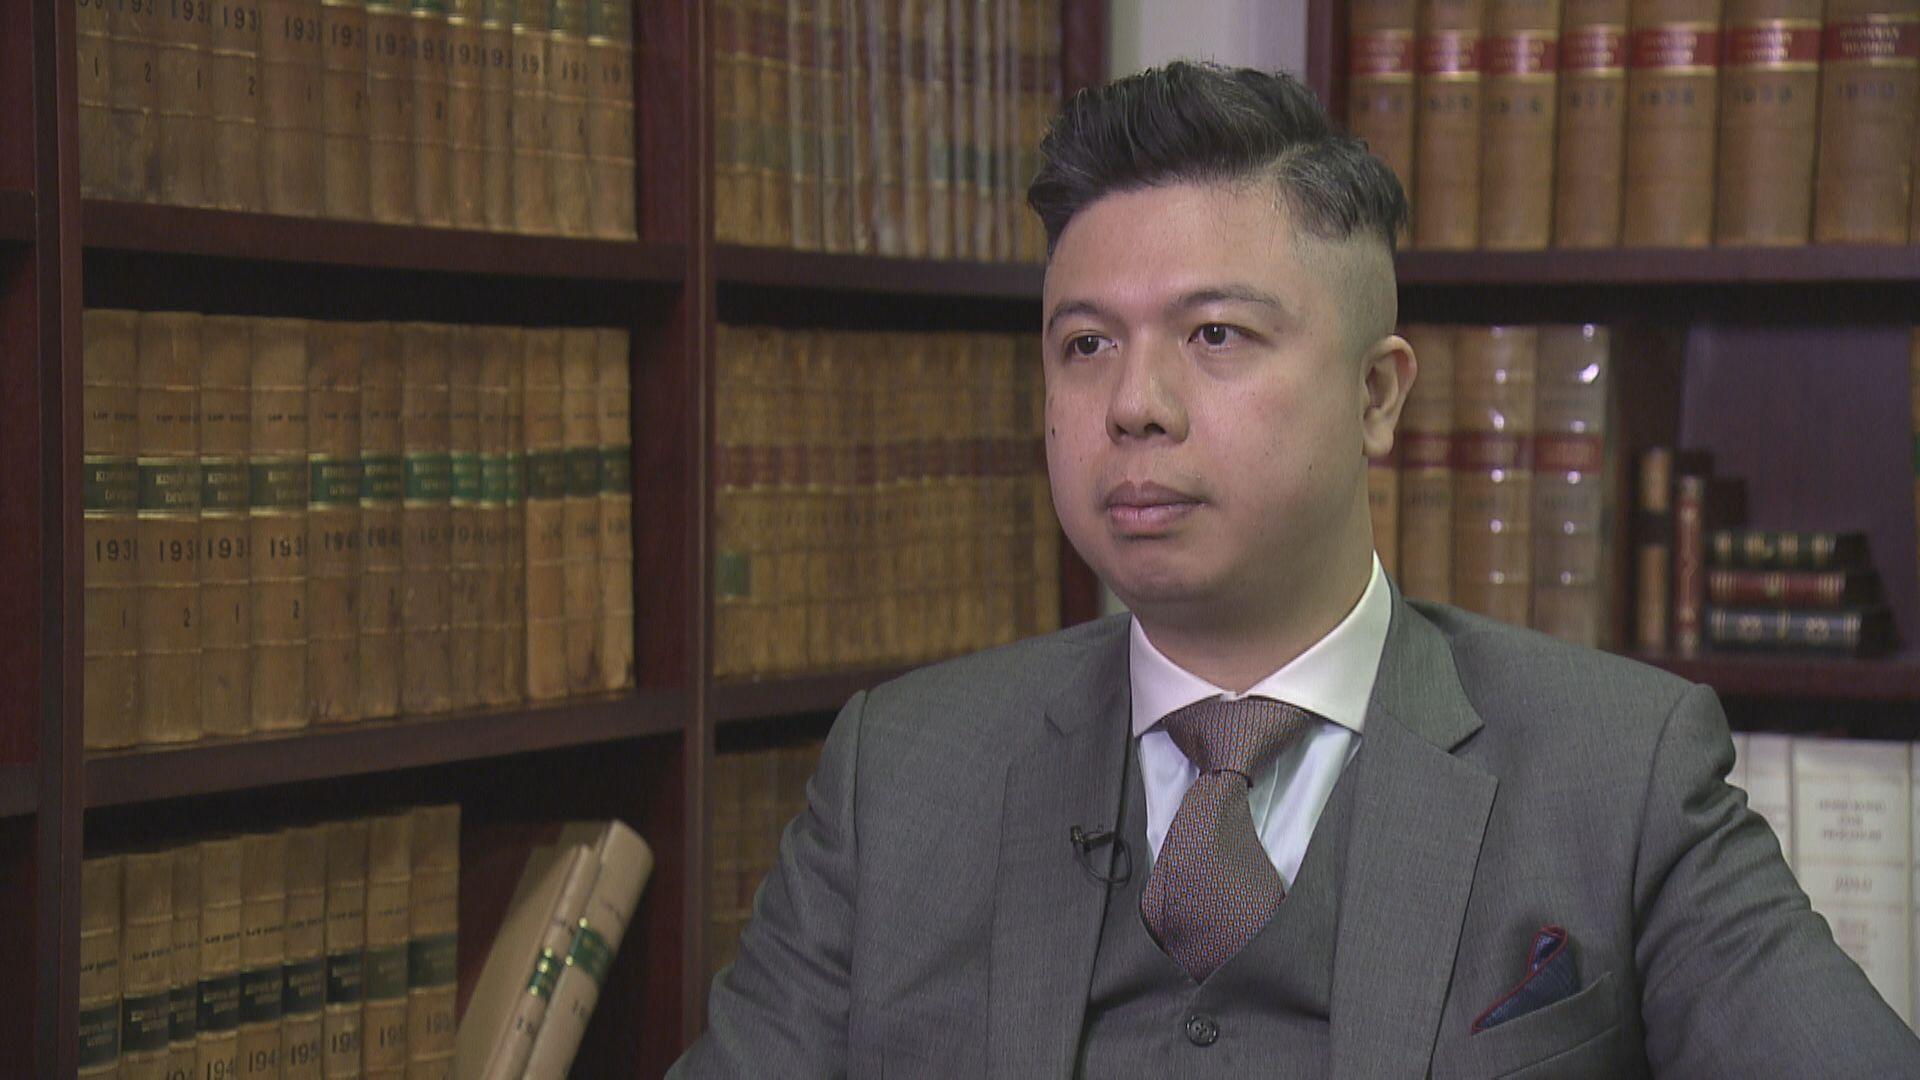 大律師:許智峯不涉洗黑錢 警方應交代凍結戶口理據